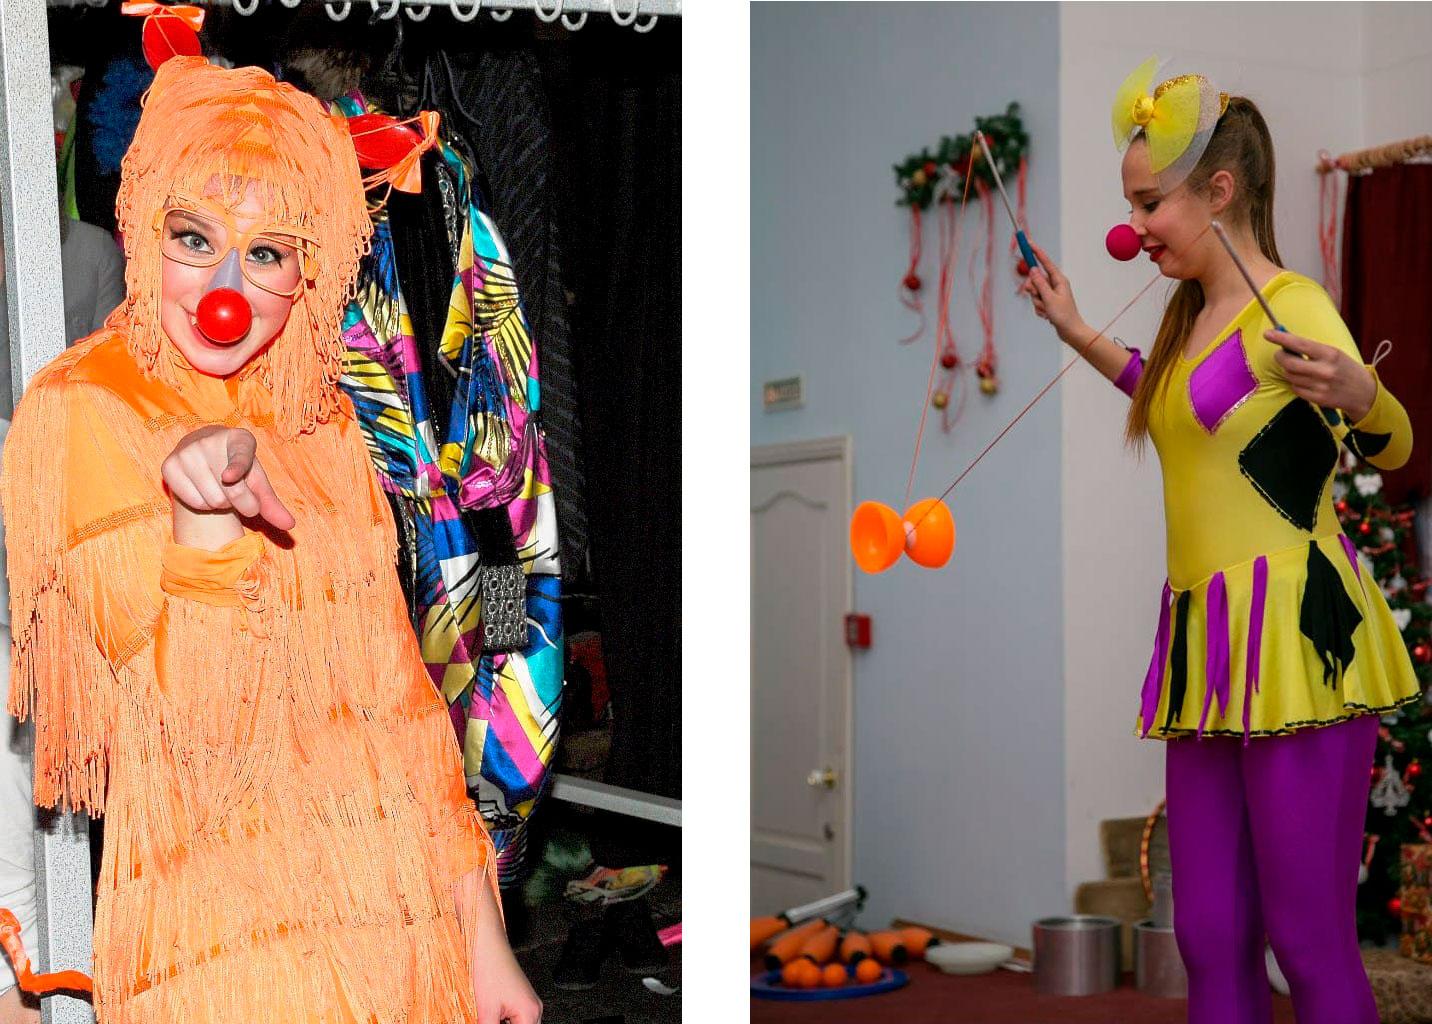 Слева — худрук Катя Филатова за кулисами перед номером «Танец инопланетян». Справа — Вика с номером «Диаболо» в летнем школьном лагере